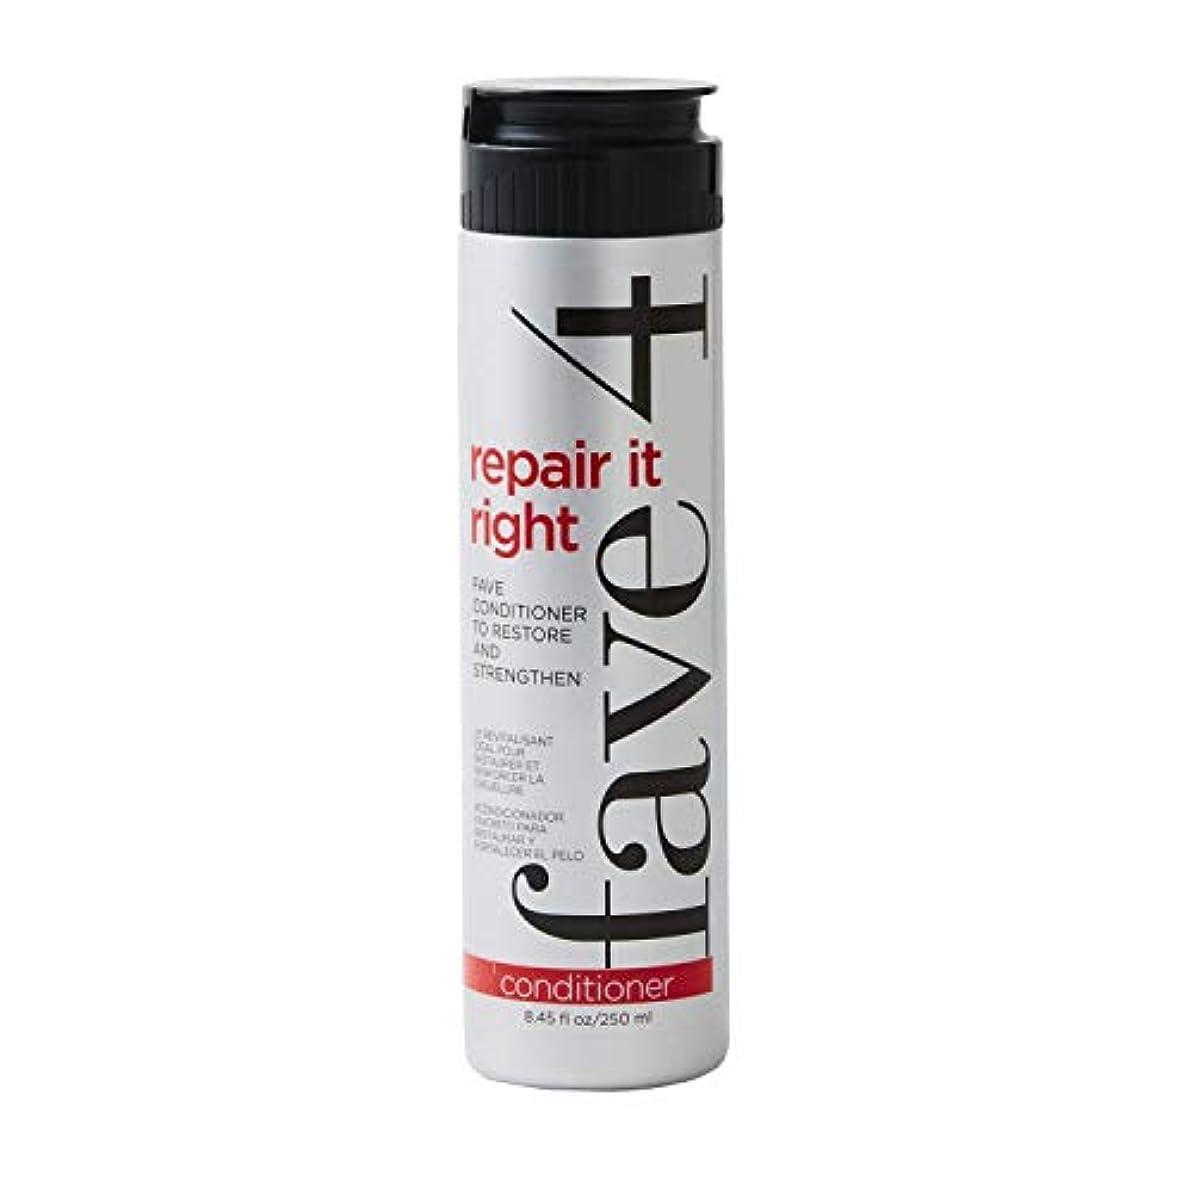 呪い腐敗経歴fave4 復元し、強化するために右フェイブConditonerそれを修復 - 硫酸塩フリー パラベンフリー グルテンフリー 無添加塩化ナトリウムありません 虐待無料 色処理した毛髪、8.5オンスのための安全な 8.5オンス